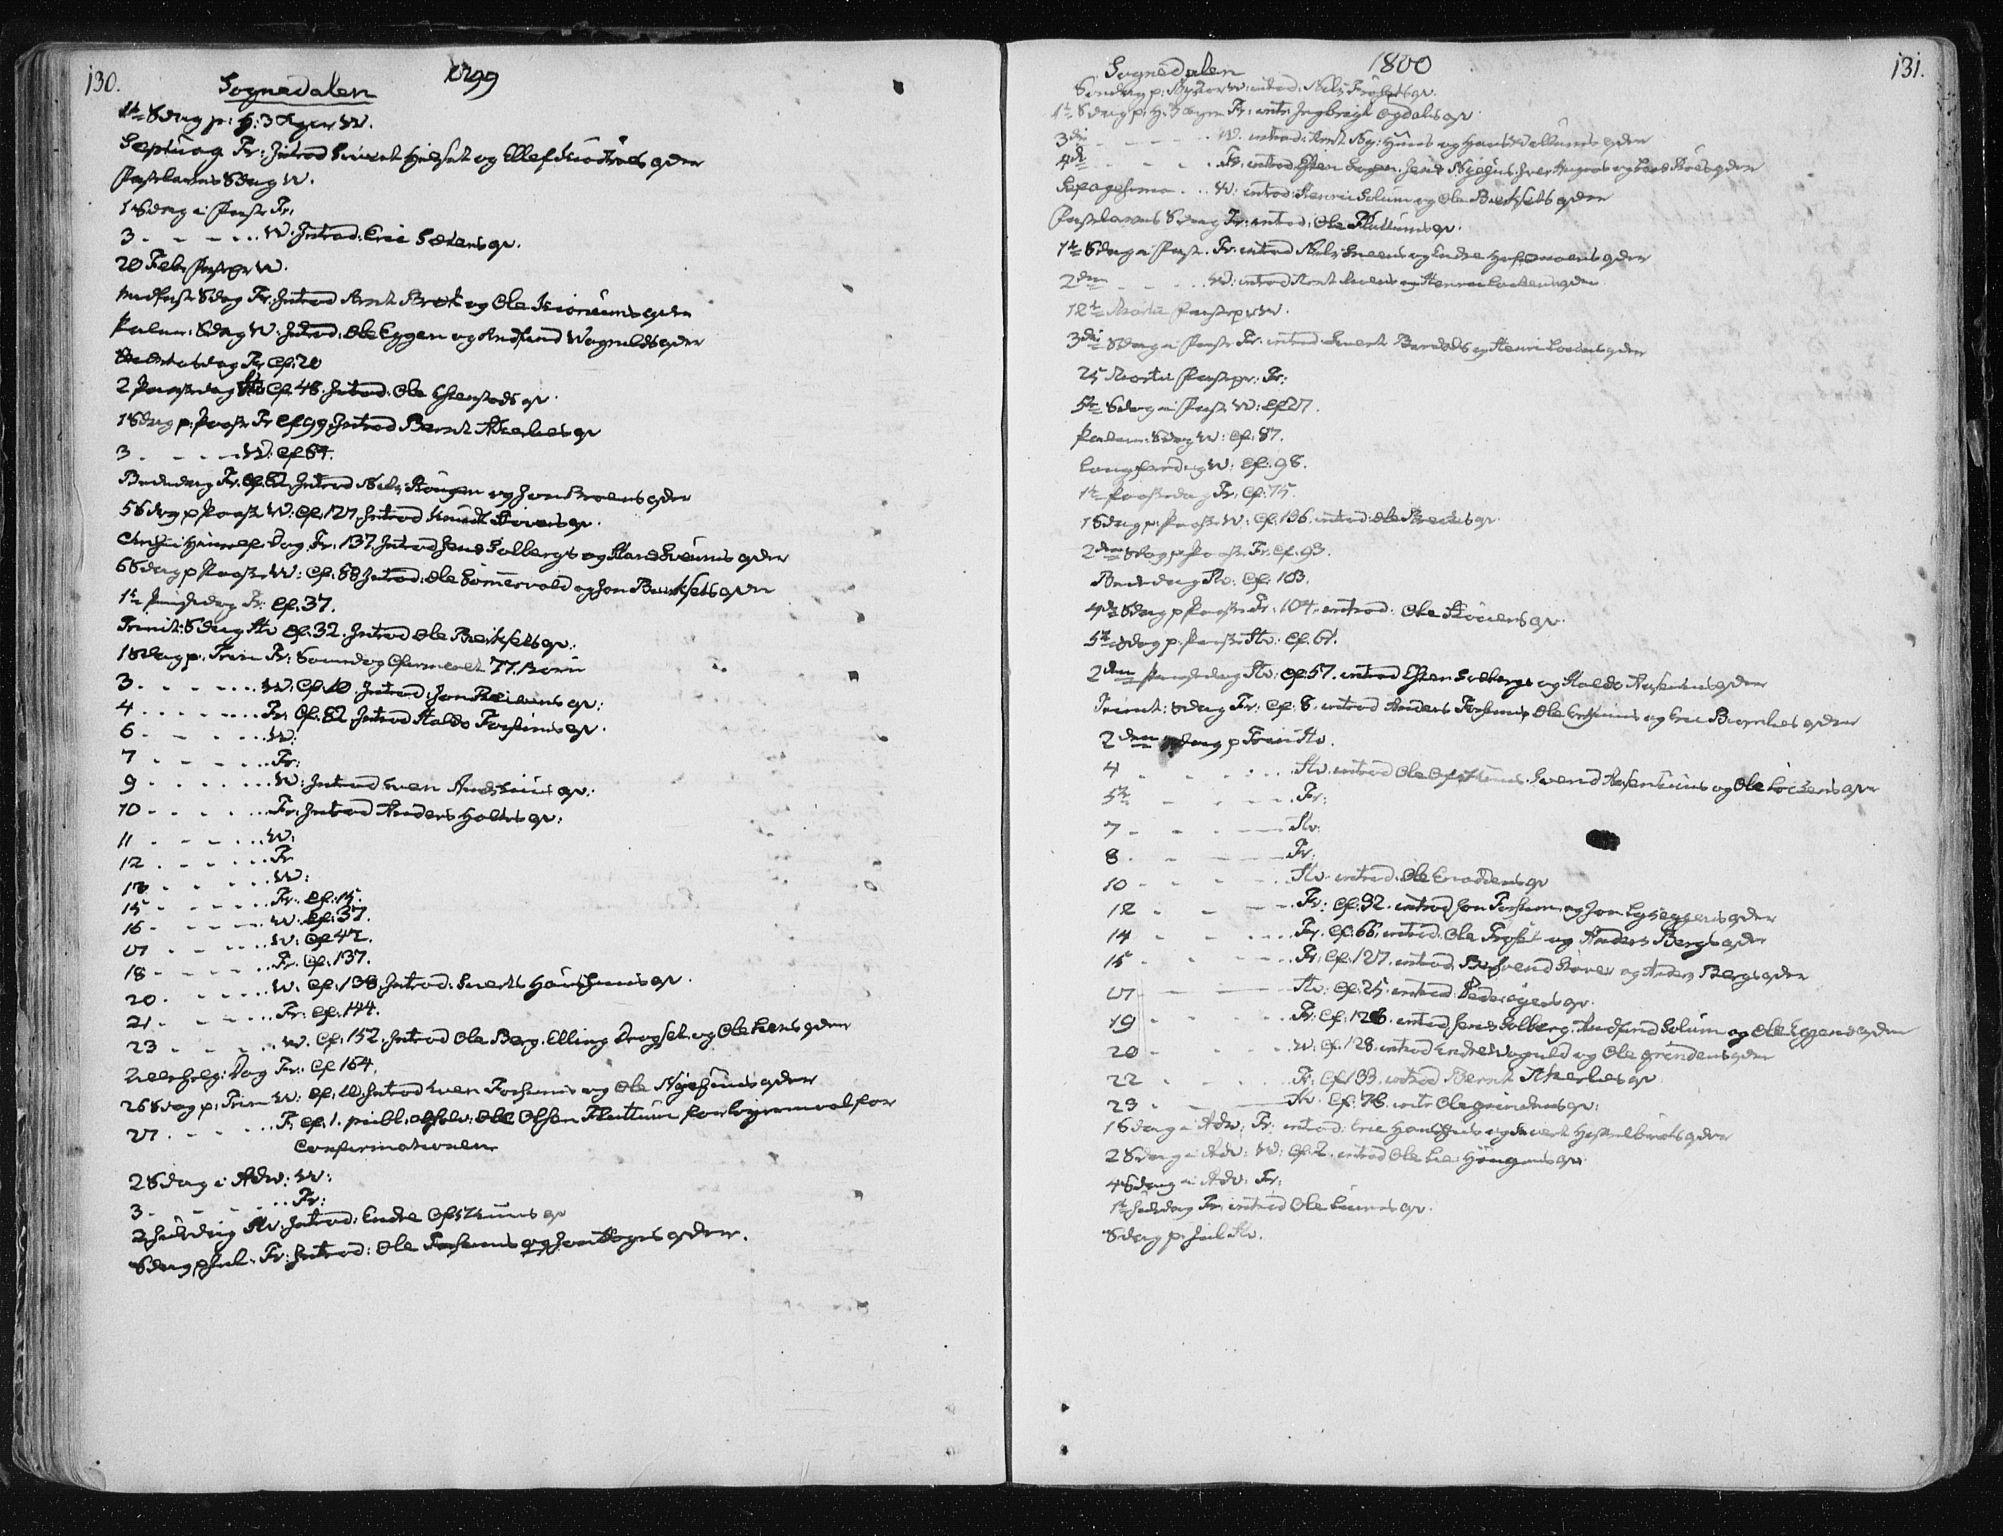 SAT, Ministerialprotokoller, klokkerbøker og fødselsregistre - Sør-Trøndelag, 687/L0994: Ministerialbok nr. 687A03 /3, 1788-1815, s. 130-131